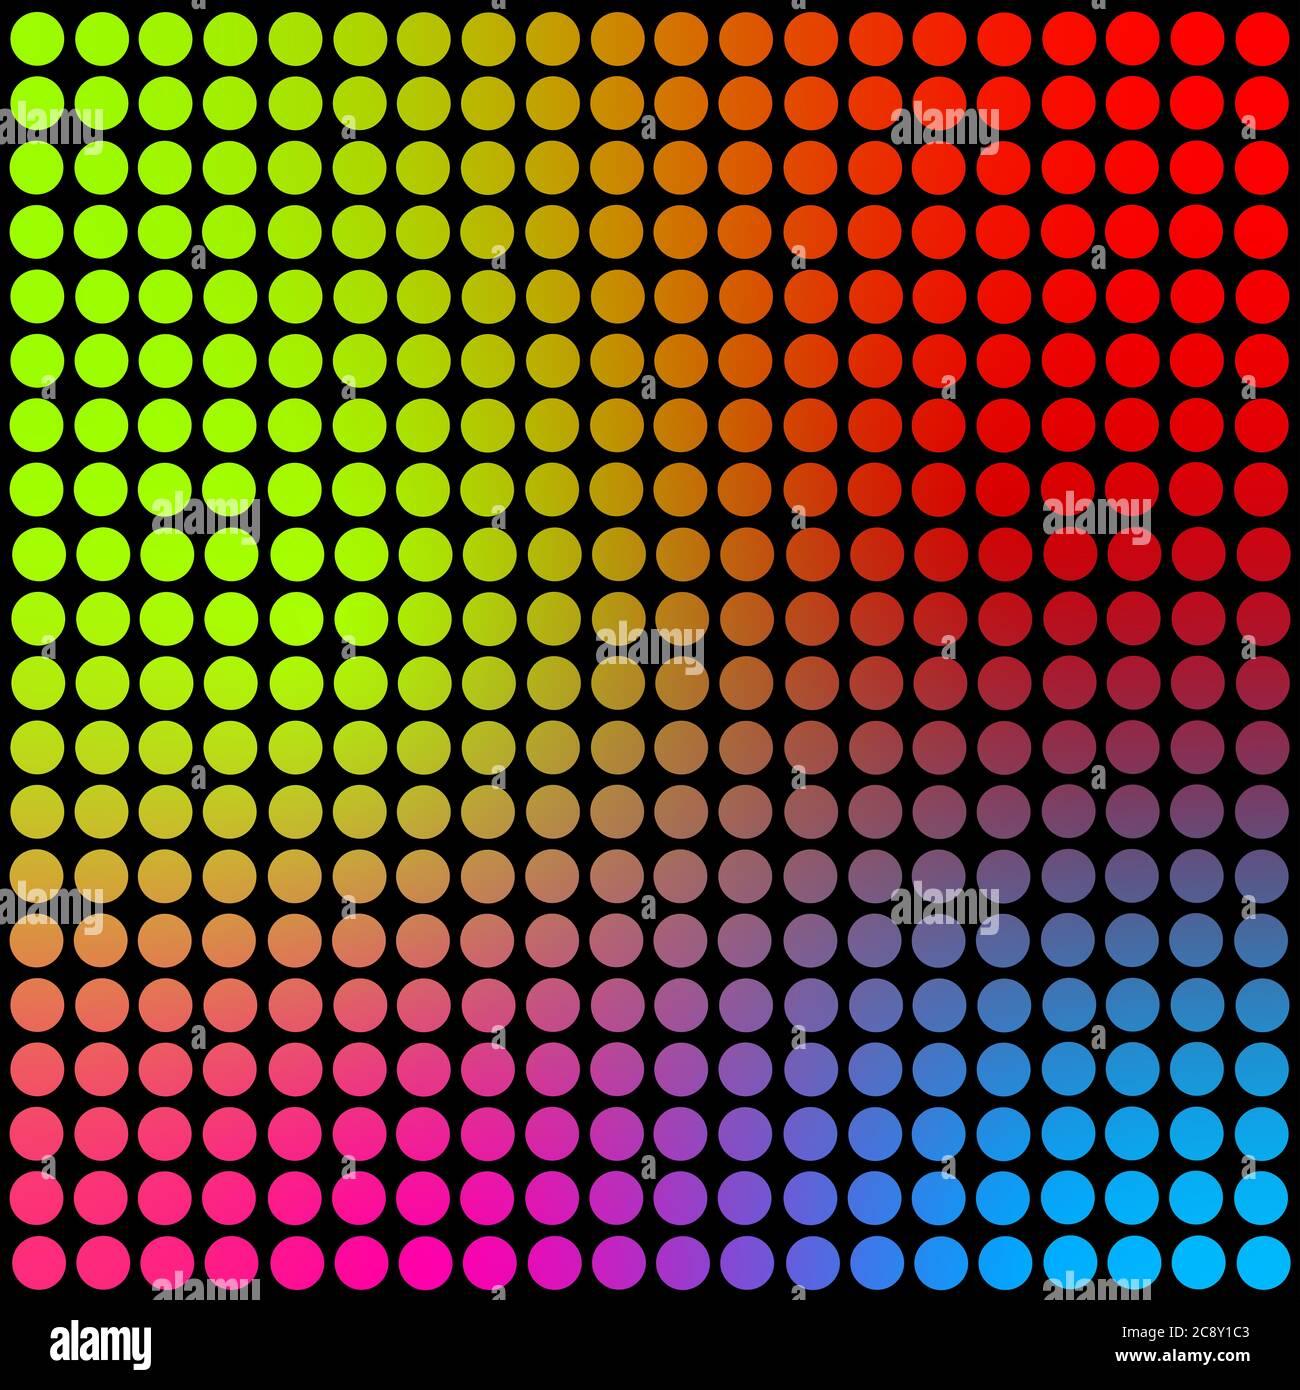 Círculos de color neón en la textura de fondo cuadrado de tamaño grande y negro. Fondo de pantalla de arte abstracto. Póster retro de arte contemporáneo. Foto de stock